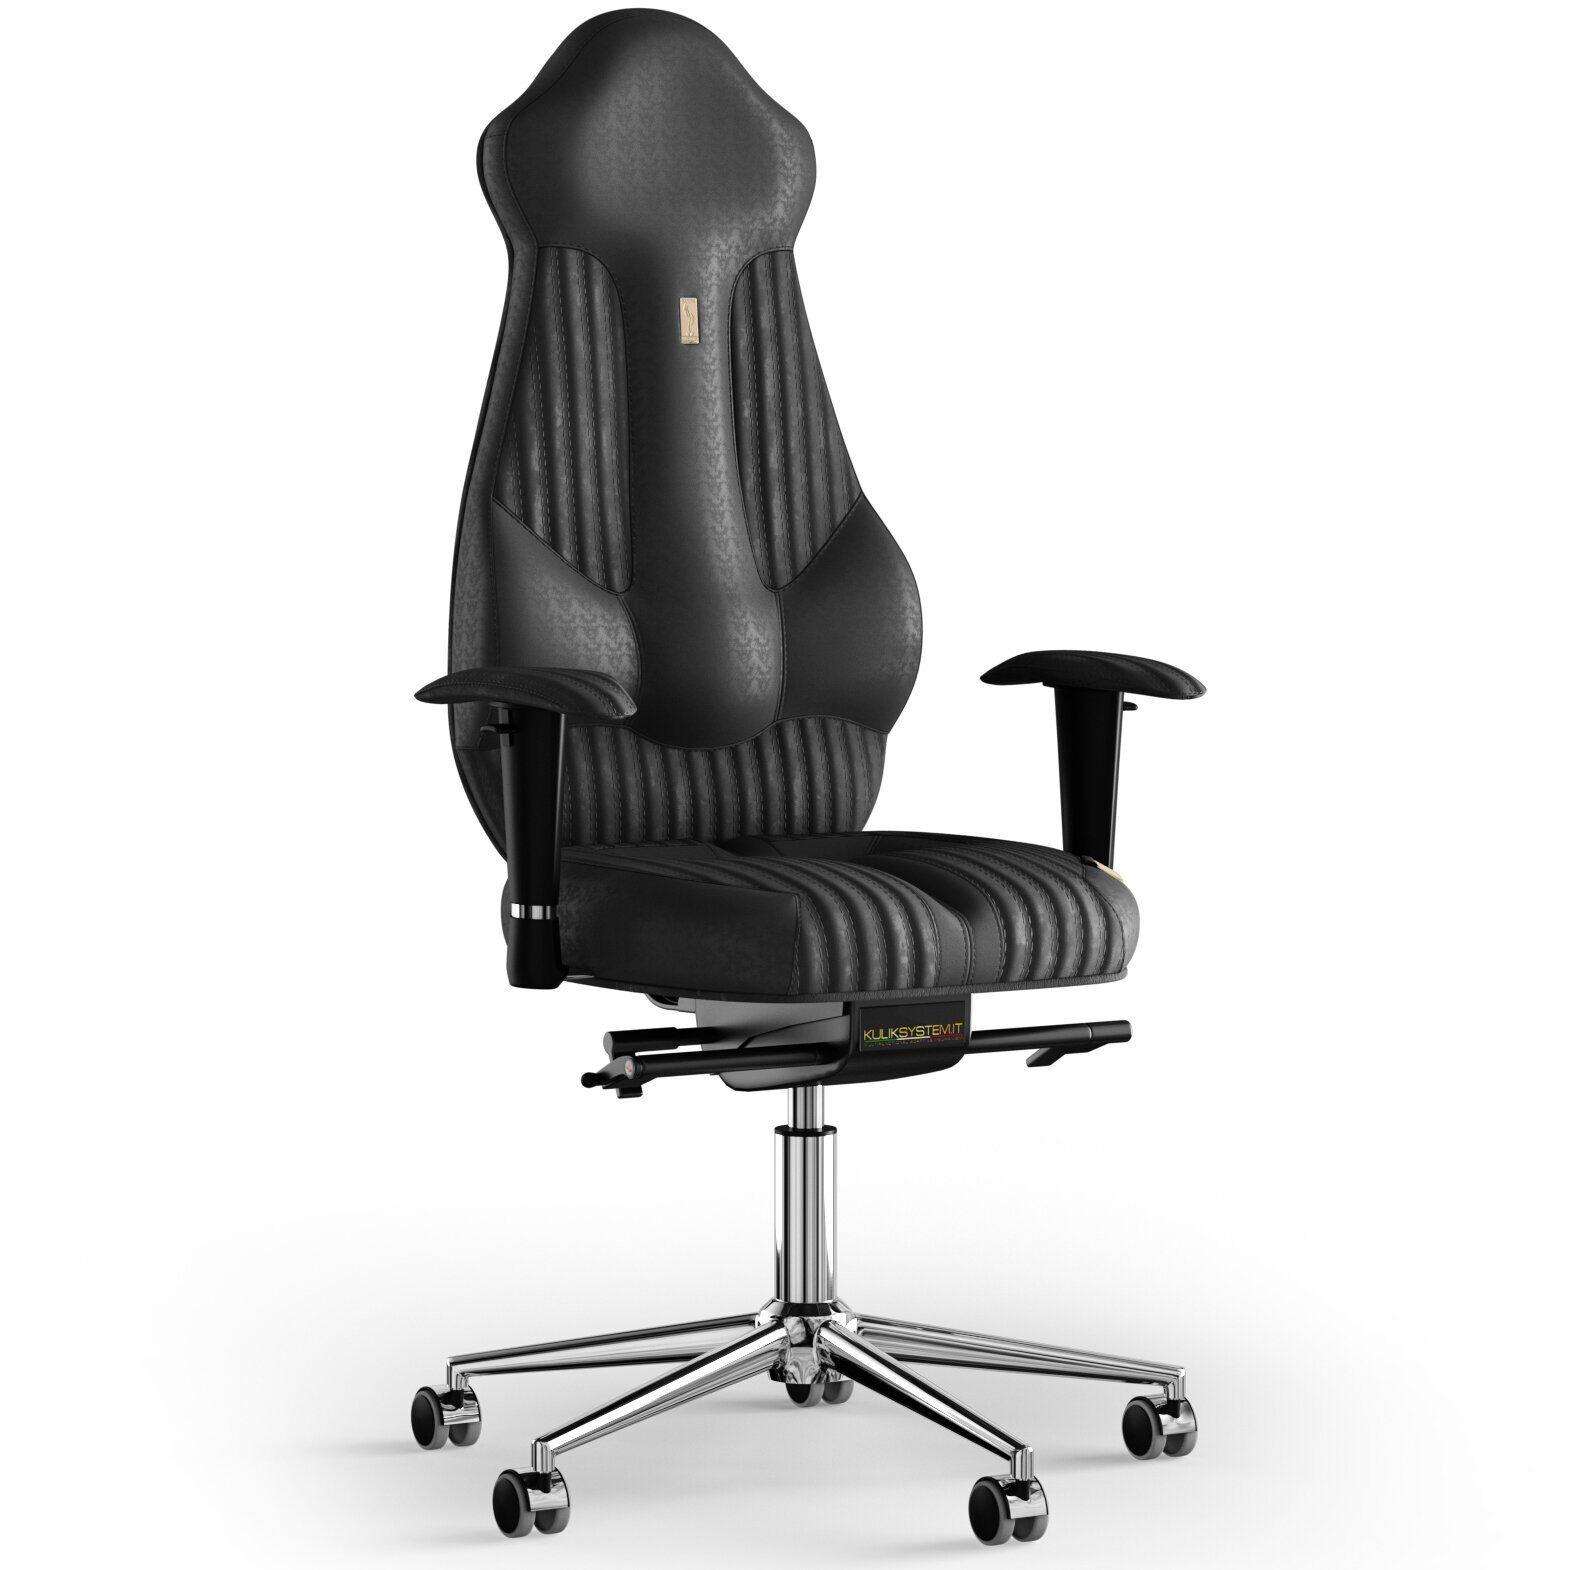 Кресло KULIK SYSTEM IMPERIAL Антара с подголовником с дизайнерским швом